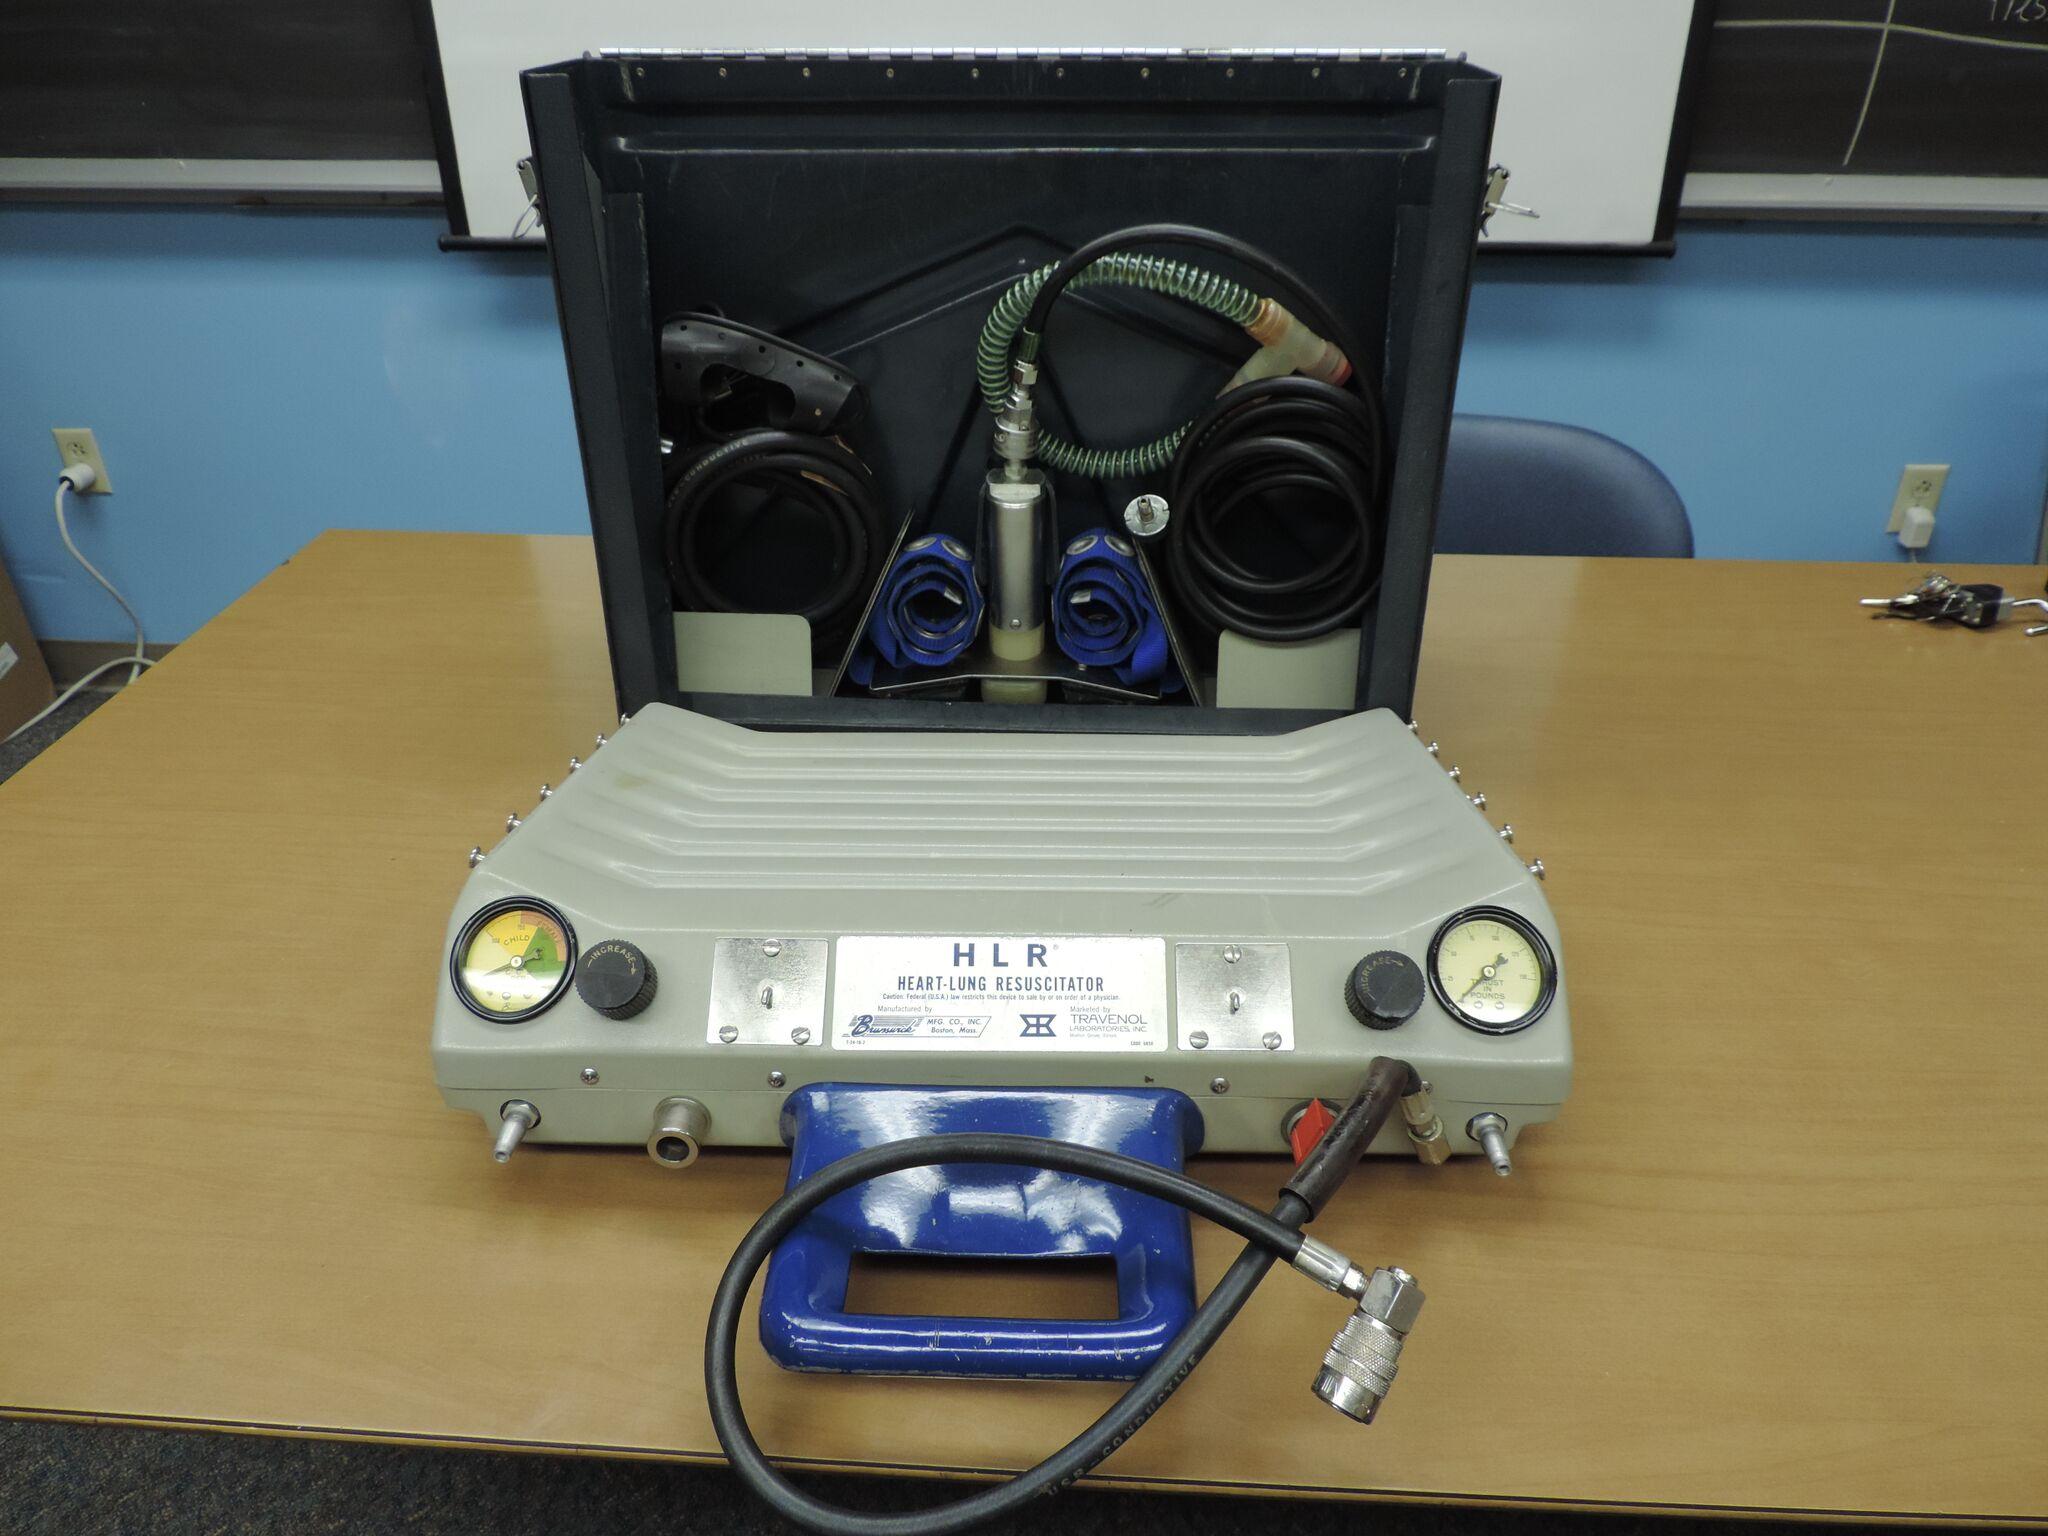 Heart-Lung Resuscitator